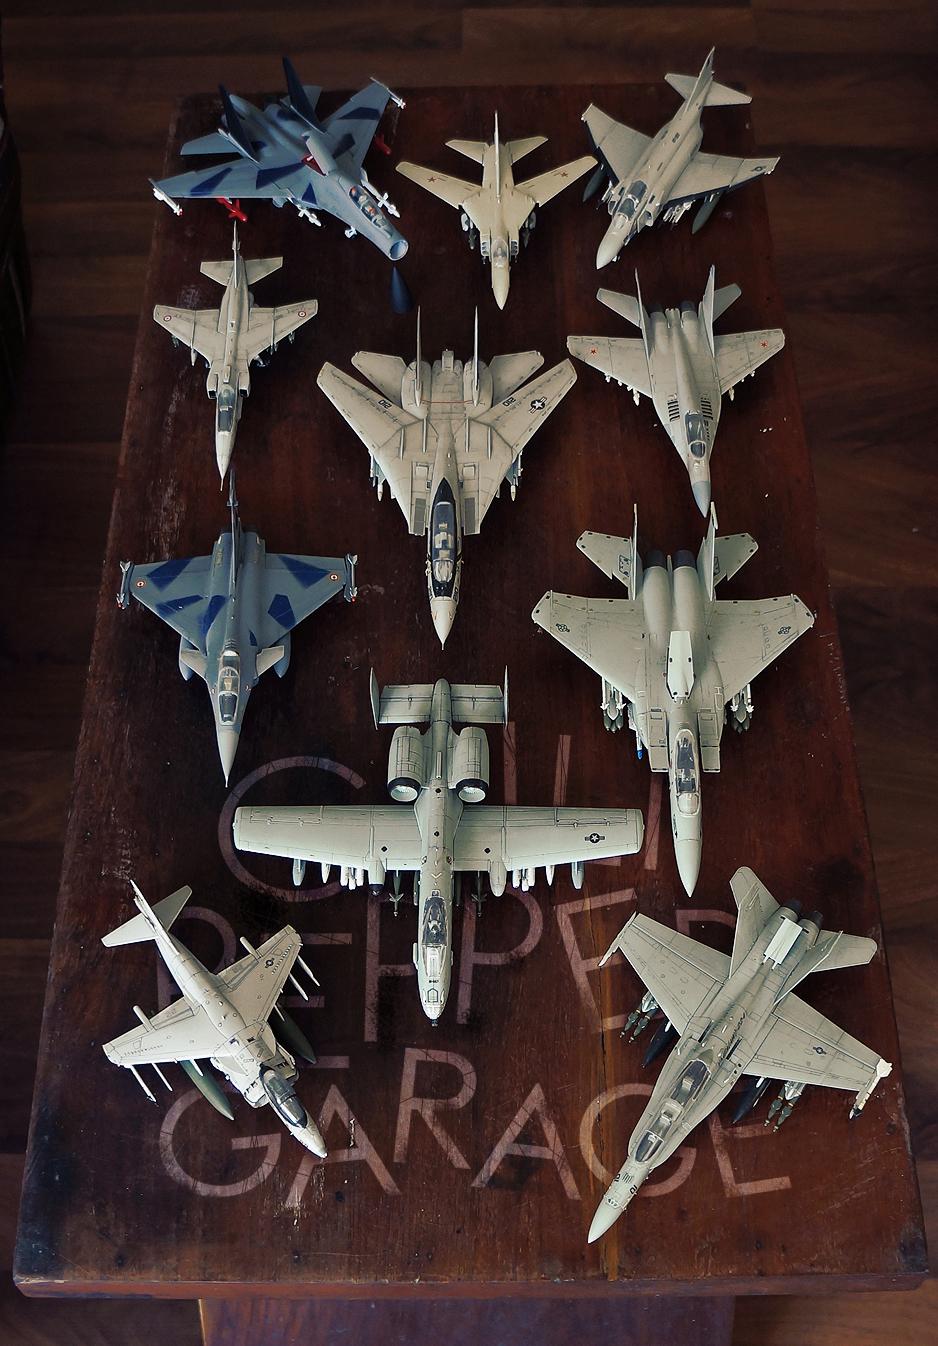 chili-airforce